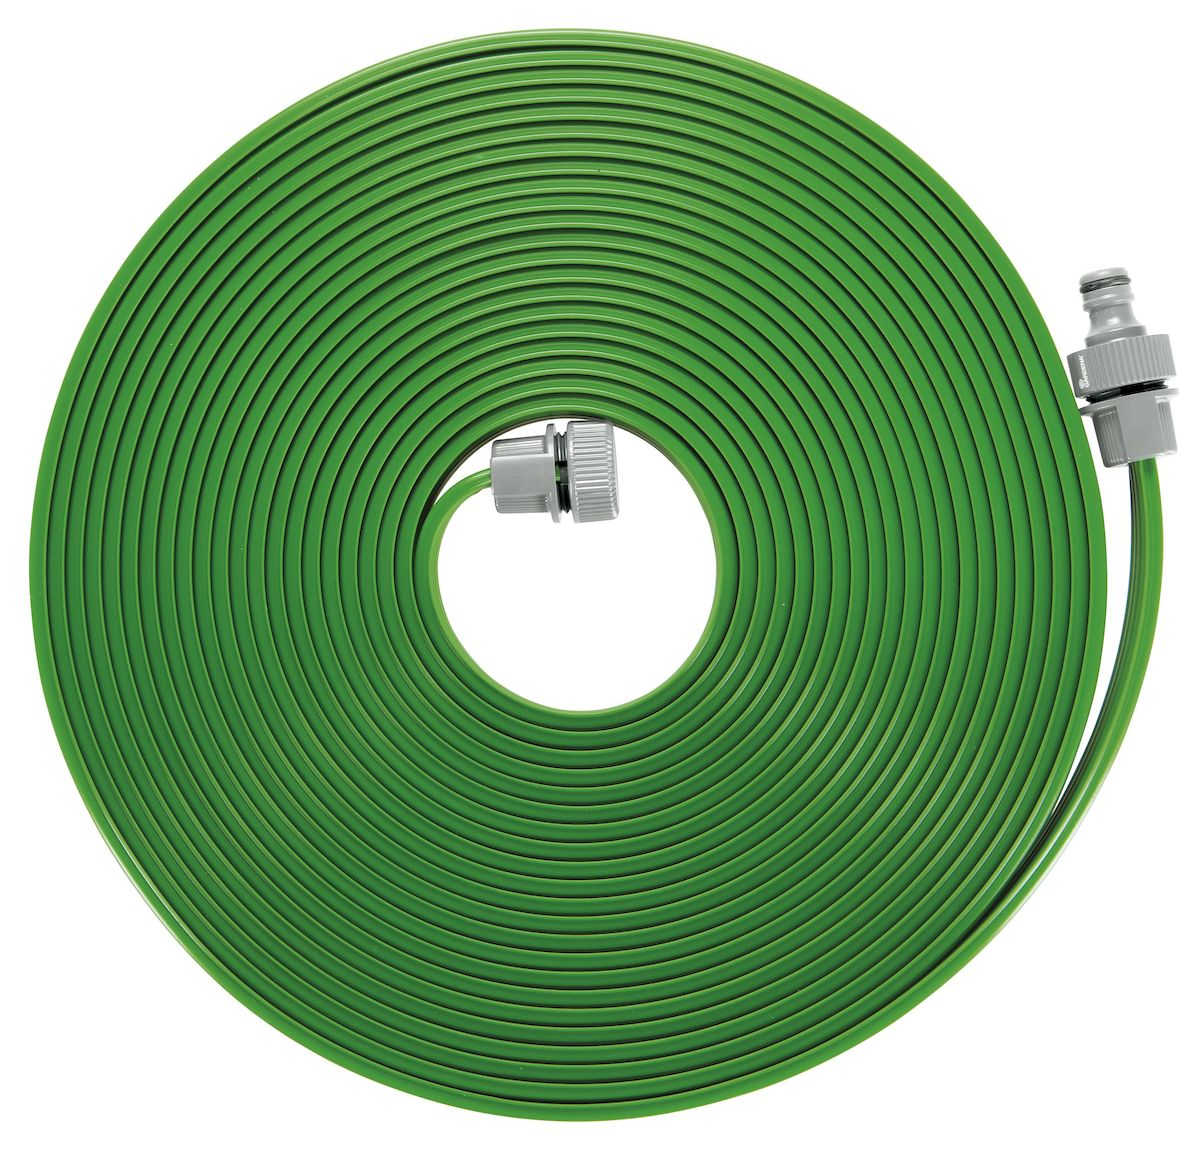 Шланг-дождеватель Gardena, цвет: зеленый, 15 м дождеватель truper t 10363